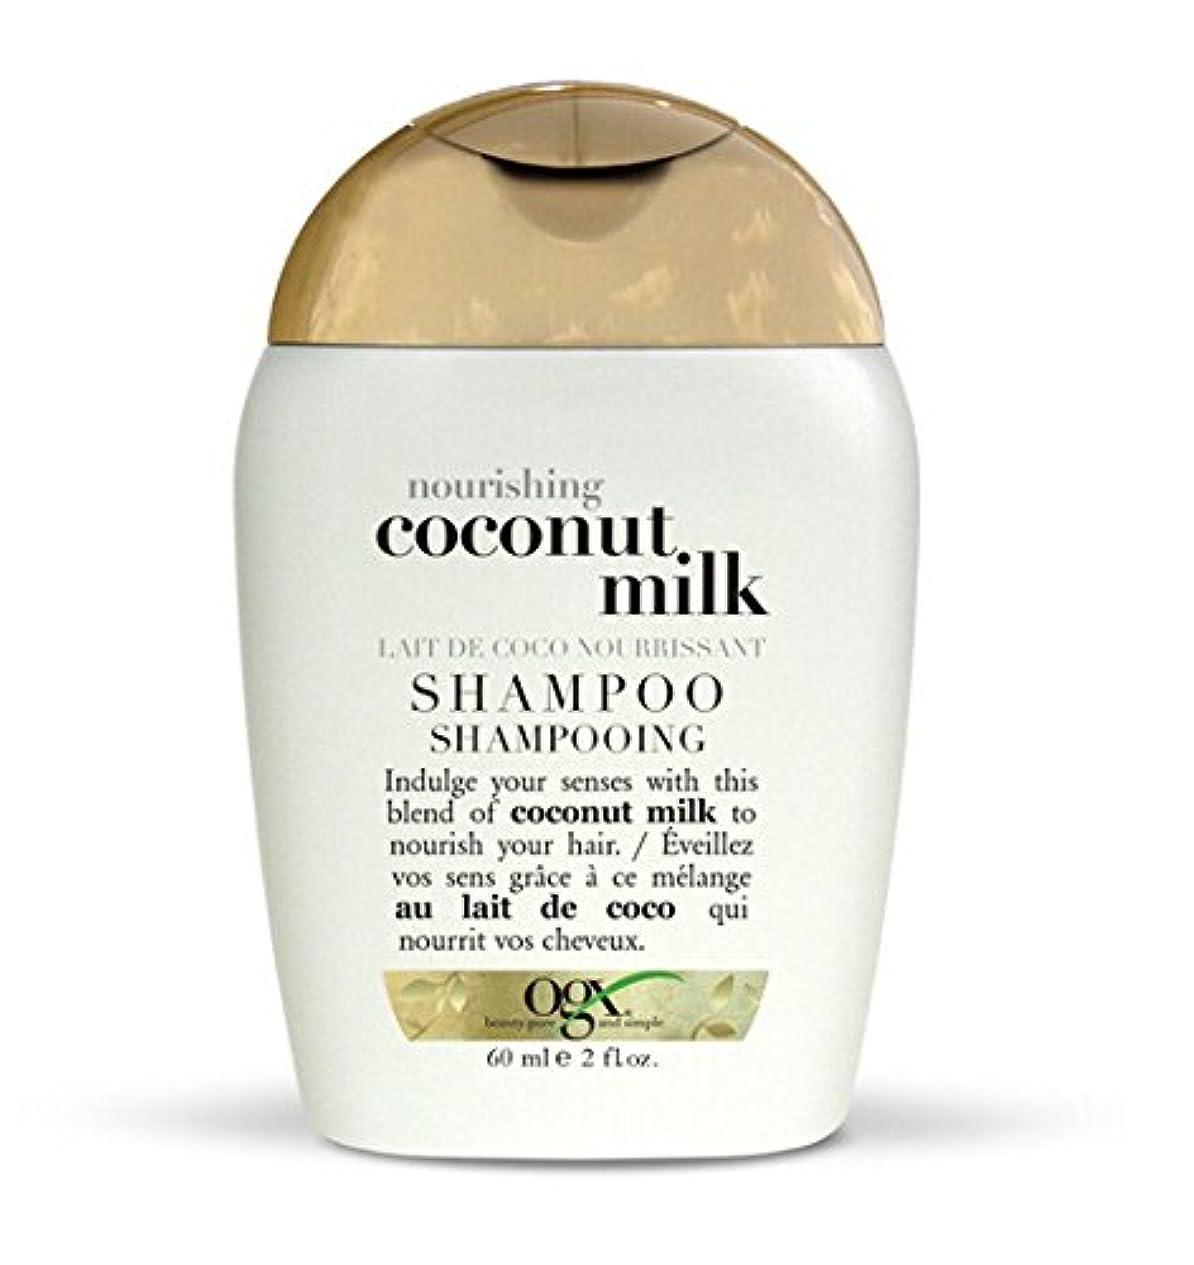 仕立て屋ウェイドティッシュVogue ヴォーグ オーガニクス 髪いきいきココナッツミルク 自然派ヘアケア シャンプー 60ml coconut milk shampoo [並行輸入品]